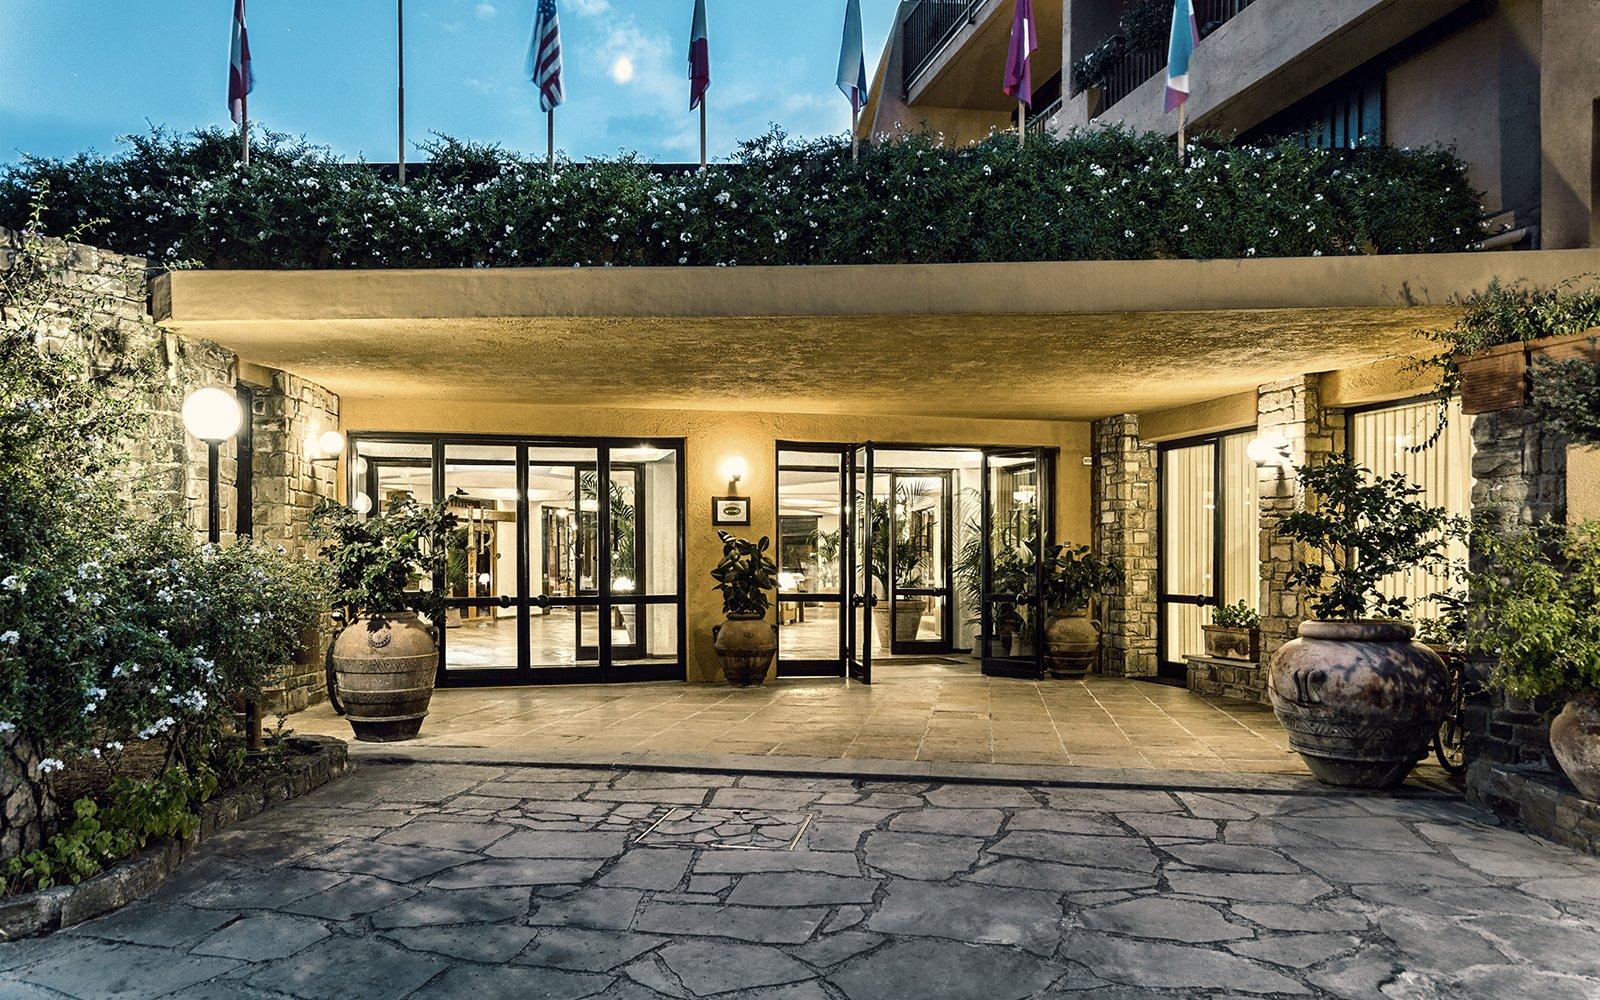 Hotel roccamare resort castiglione della pescaia for Hotel castiglione della pescaia